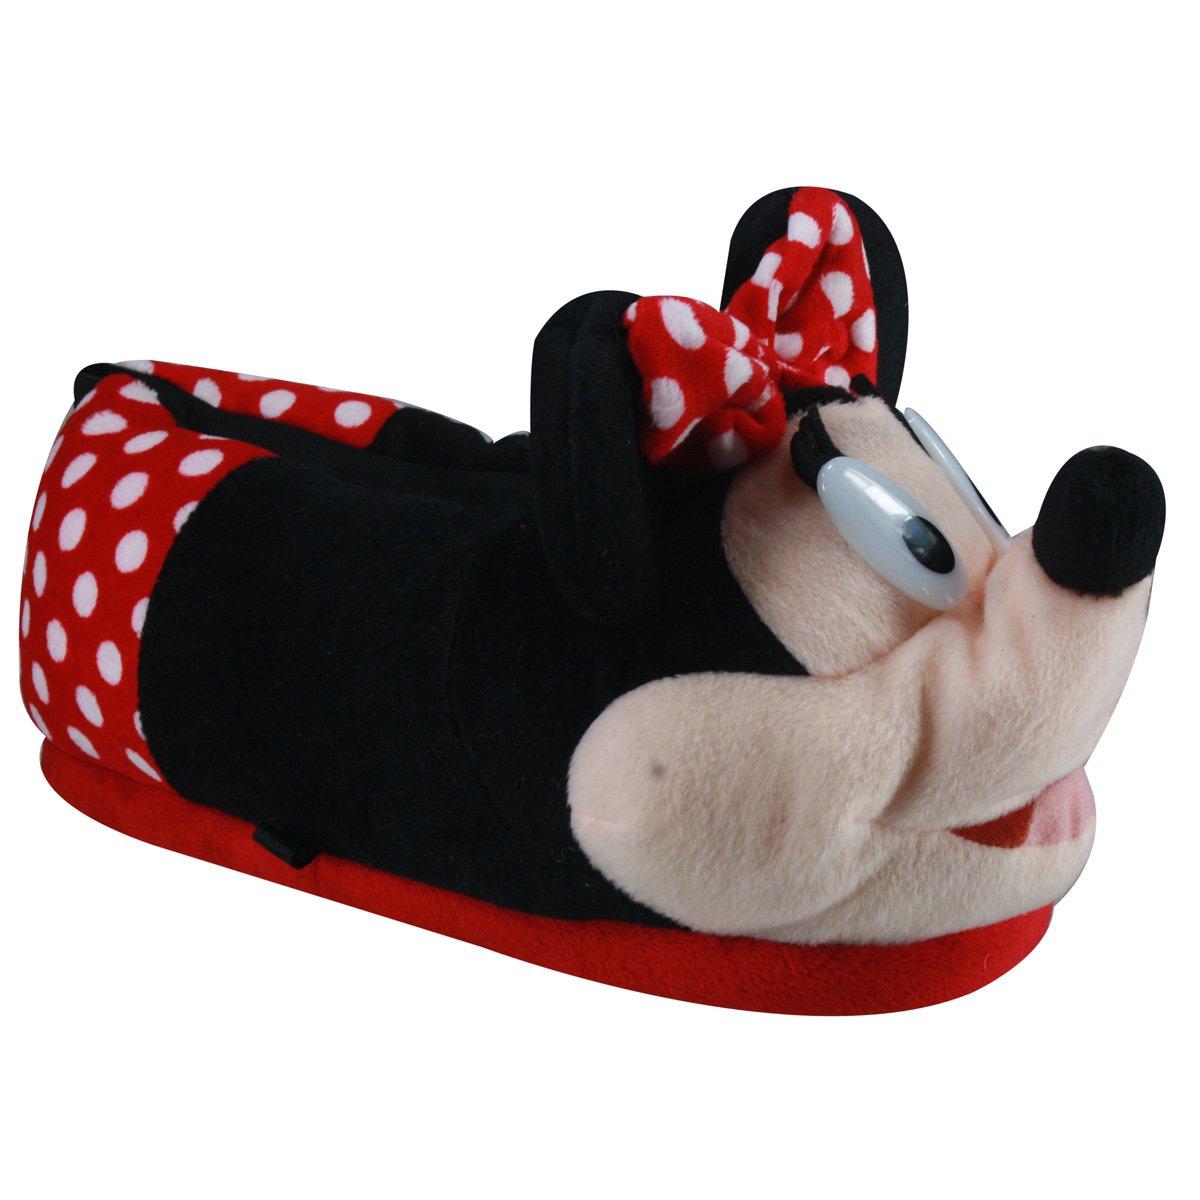 a441786f8 Pantufa Ricsen Minnie 3D. Passe o mouse na imagem para ampliar Ampliar  imagem